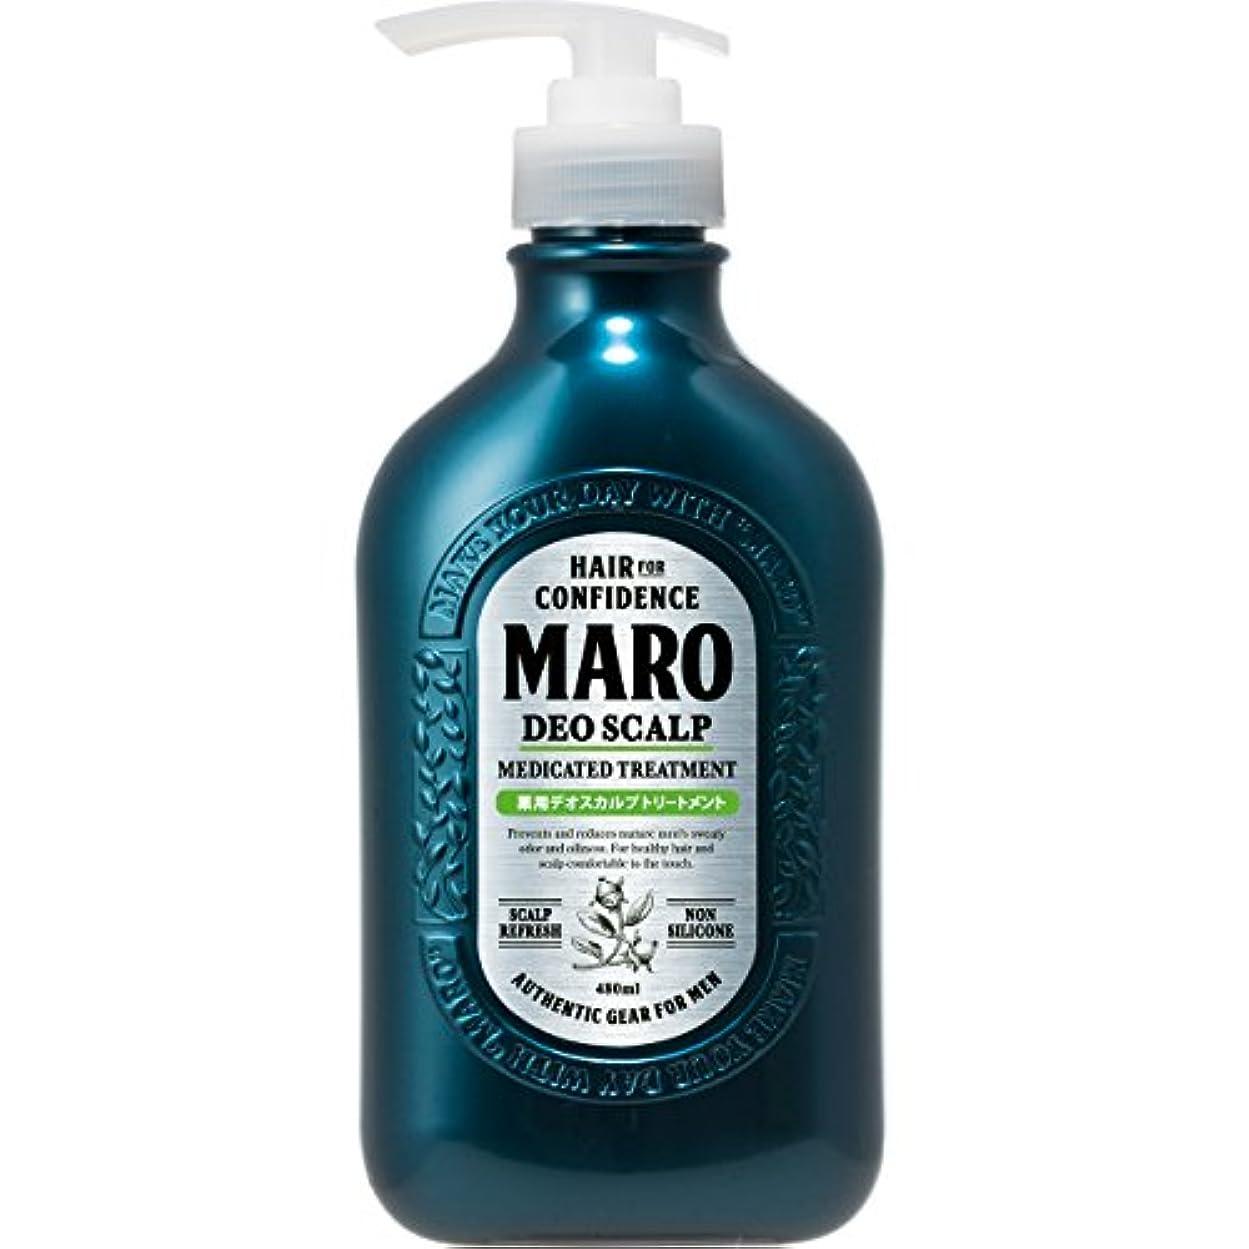 水っぽいくさび周術期MARO 薬用 デオスカルプ トリートメント 480ml 【医薬部外品】